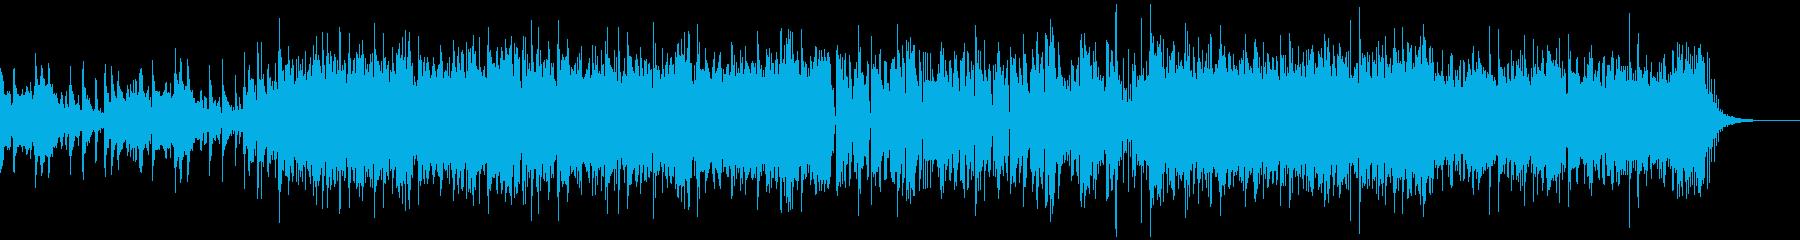 スタイリッシュな和風エレクトロニックの再生済みの波形